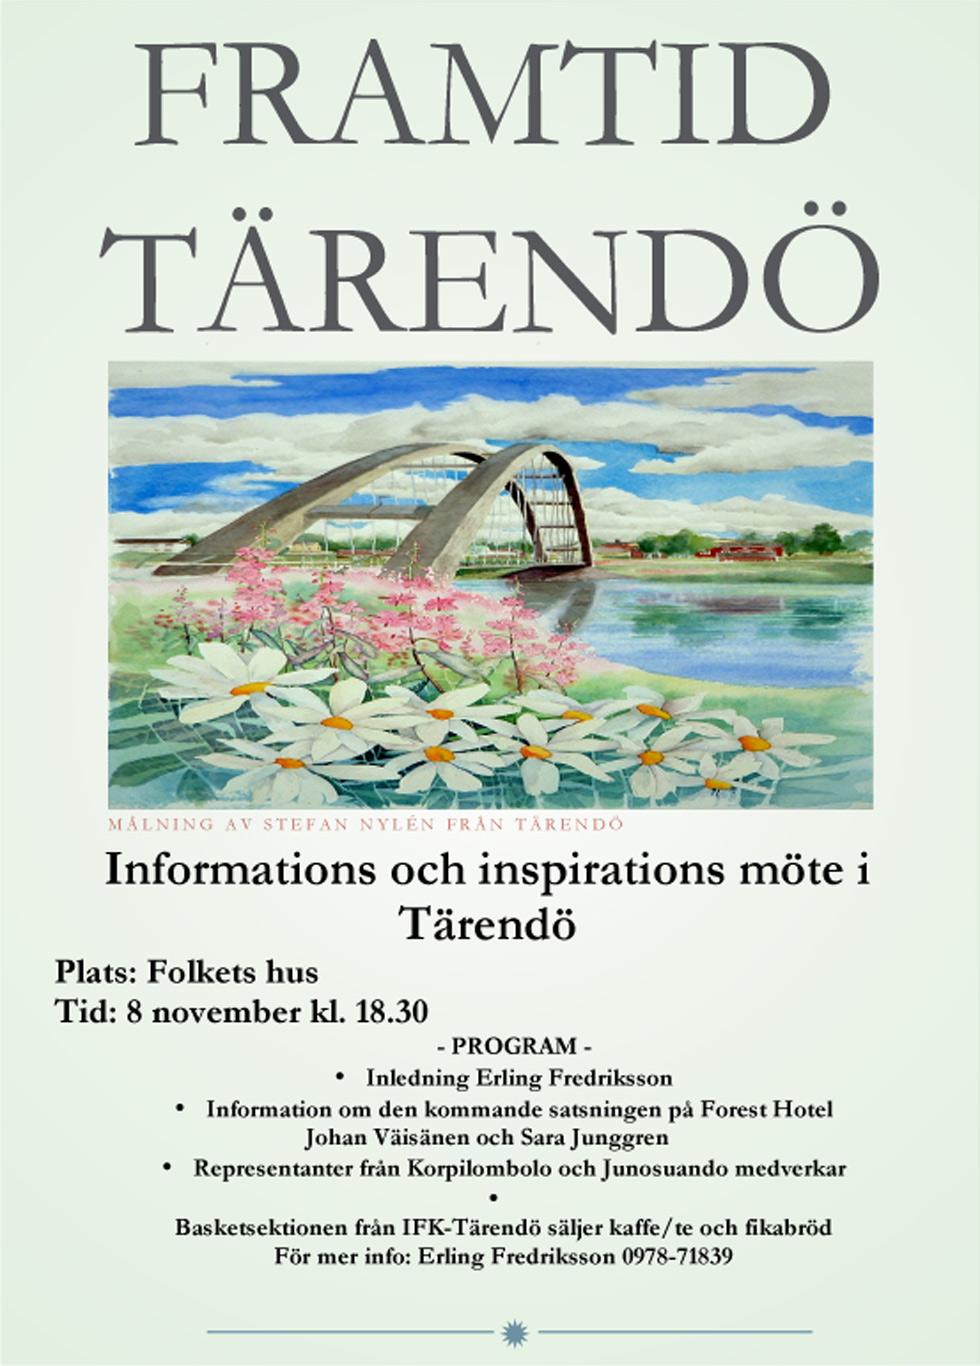 Framtid Tärendö - Inspirations och informationsmöte 8 november